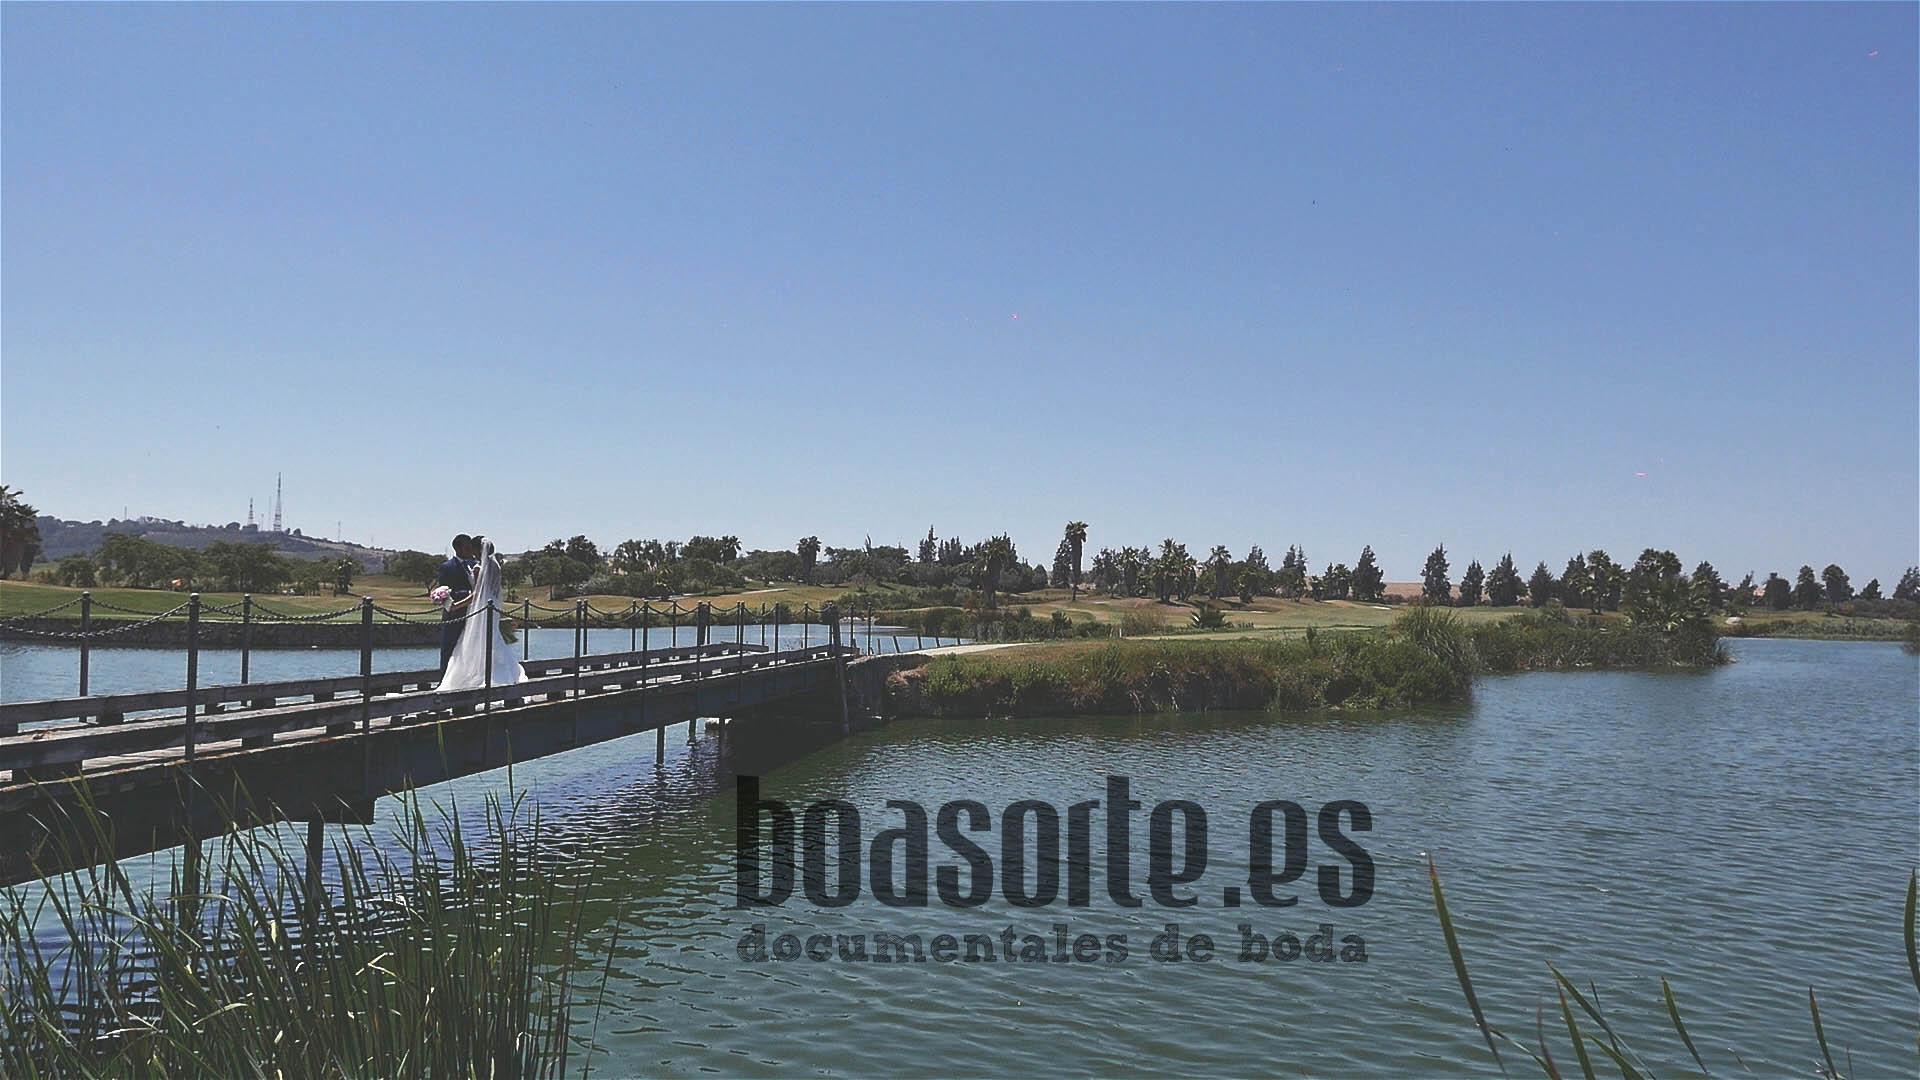 fotografo_bodas_jerez_boasorte10